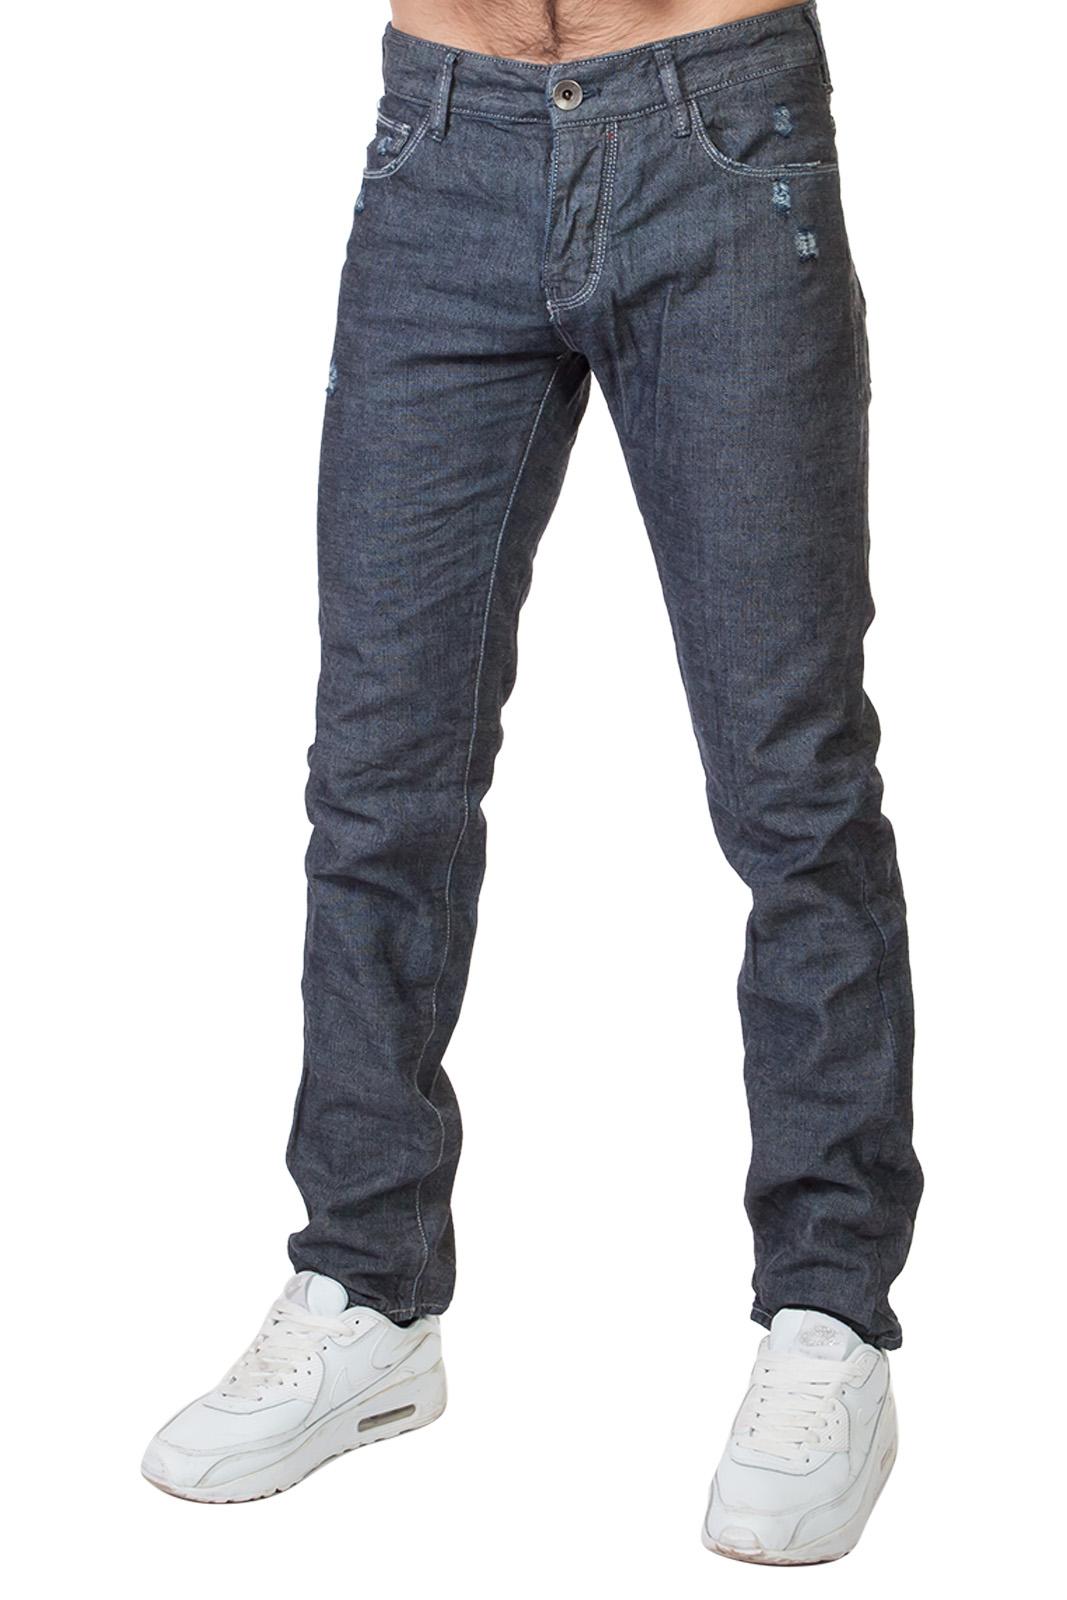 Купить в Москве с доставкой мужские джинсы